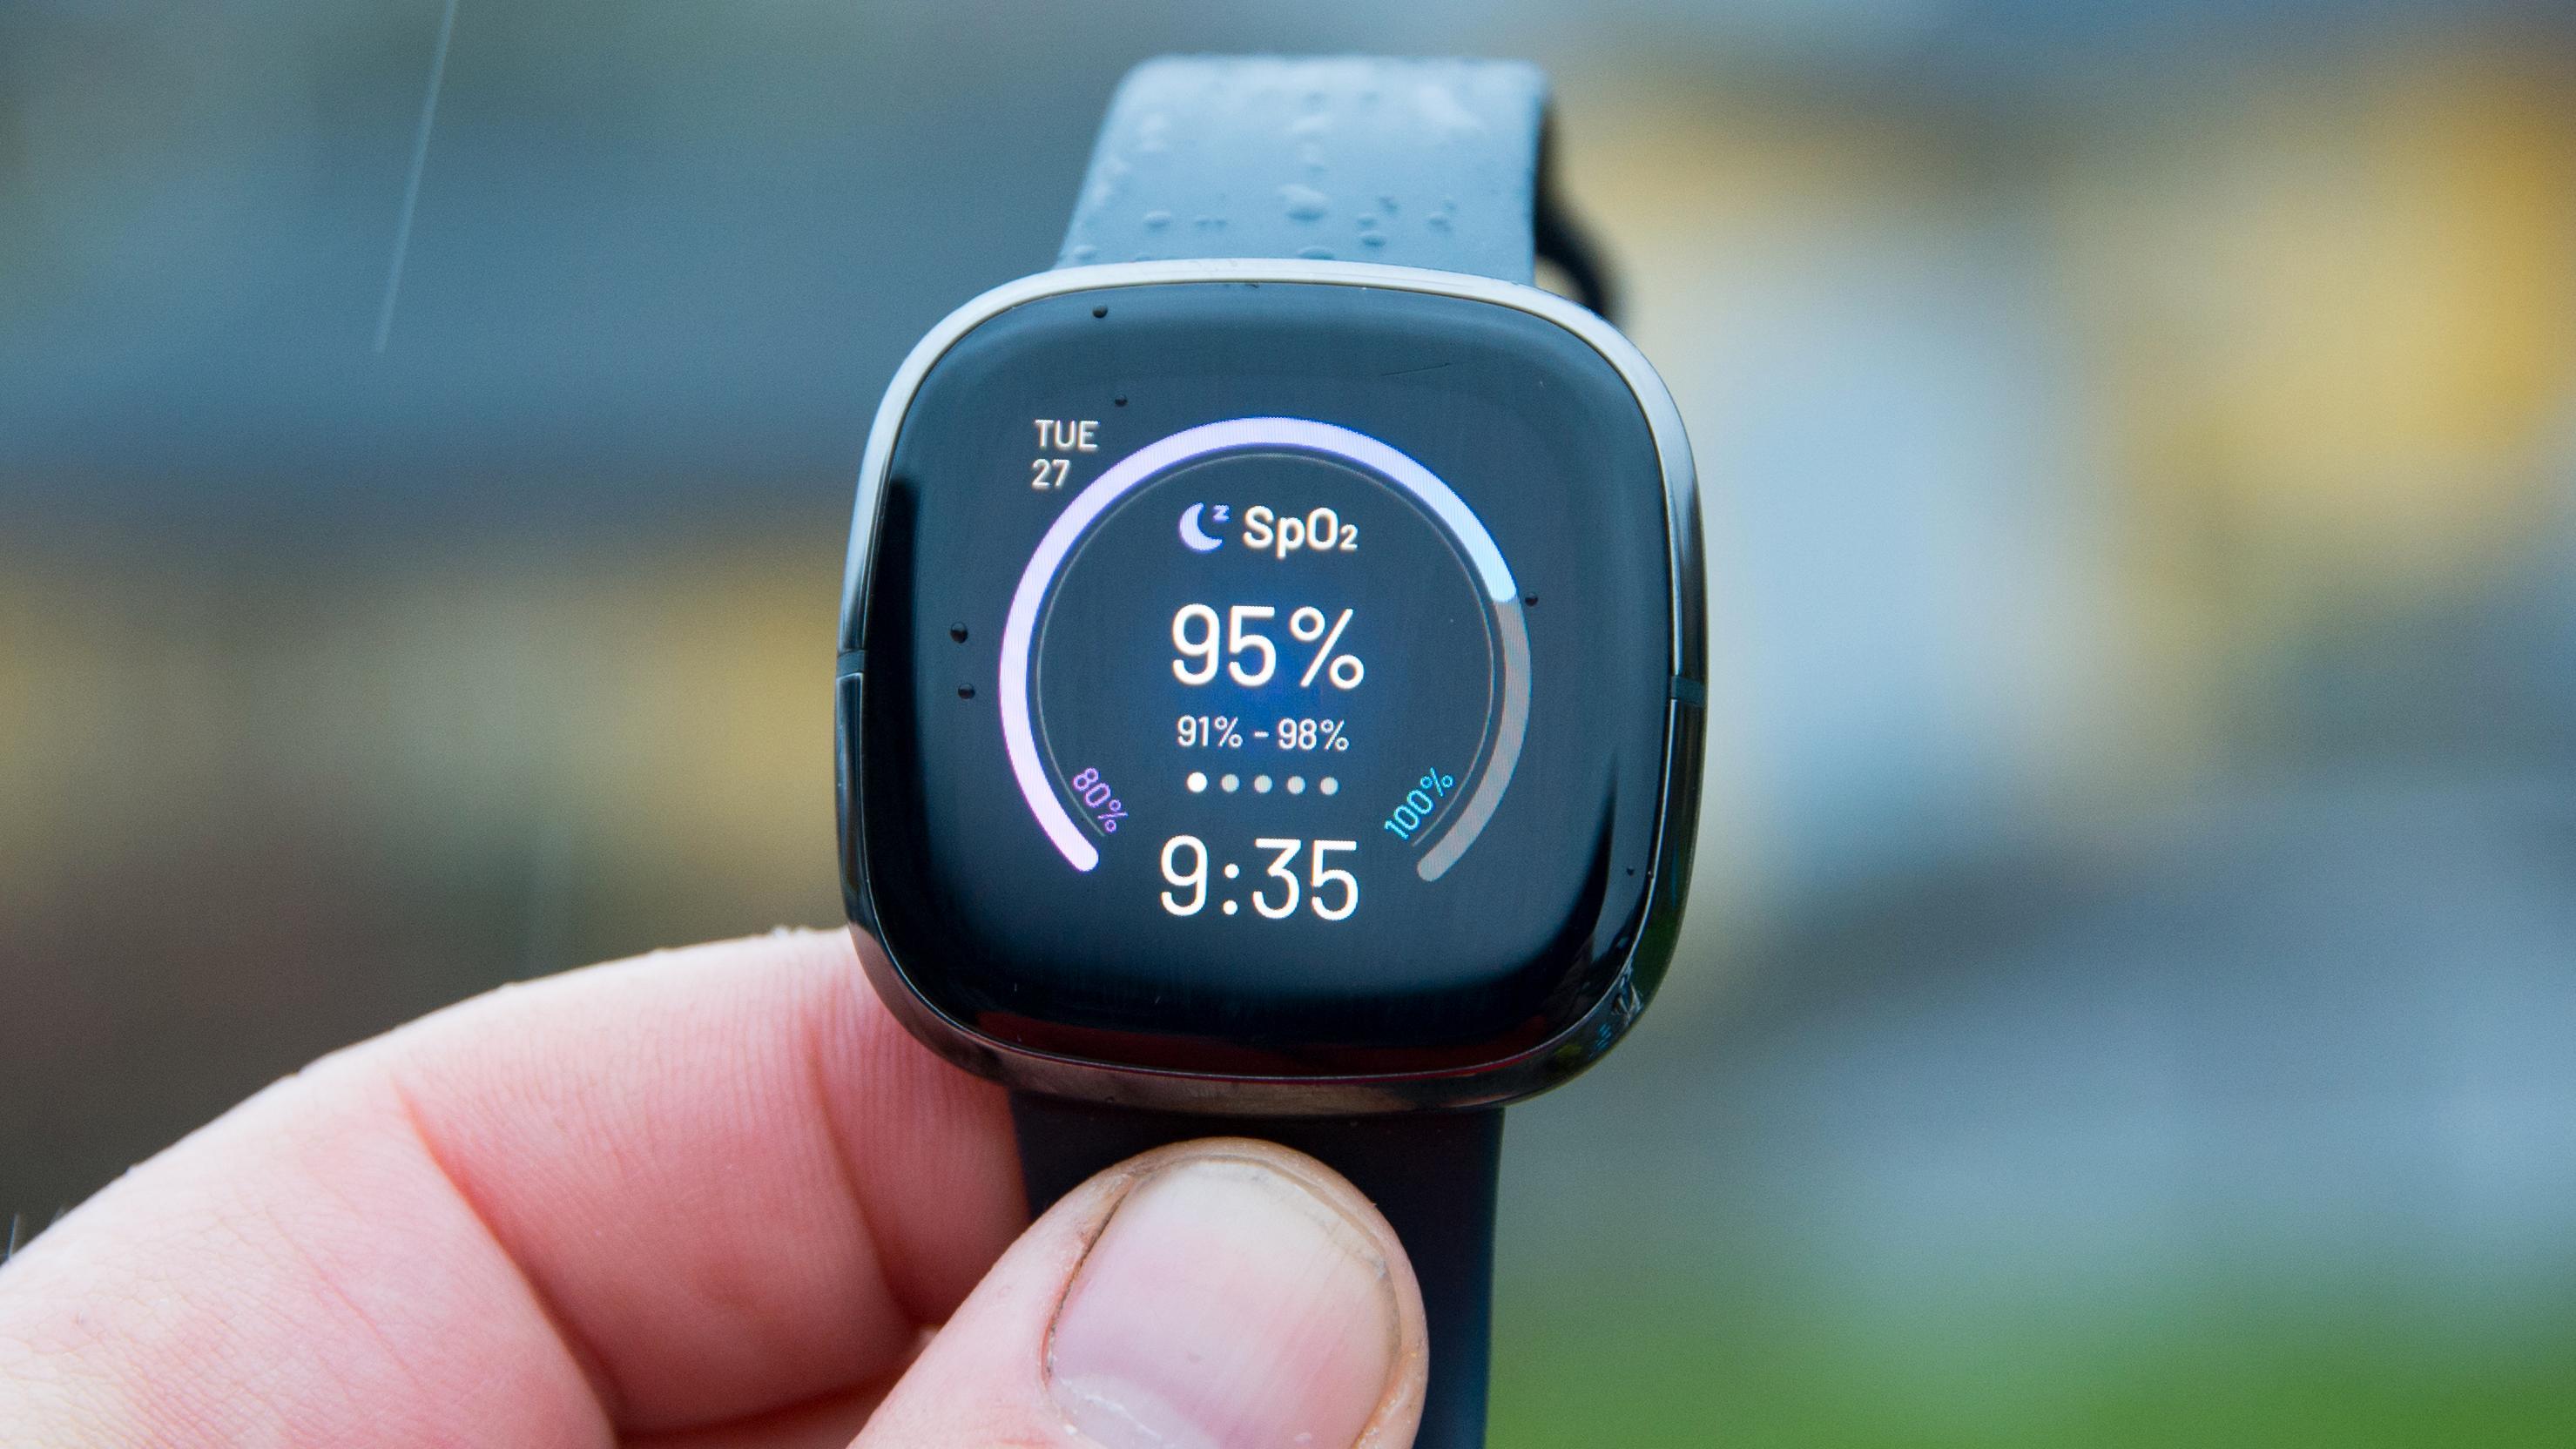 Nå kan Fitbiten følge med på om du snorker